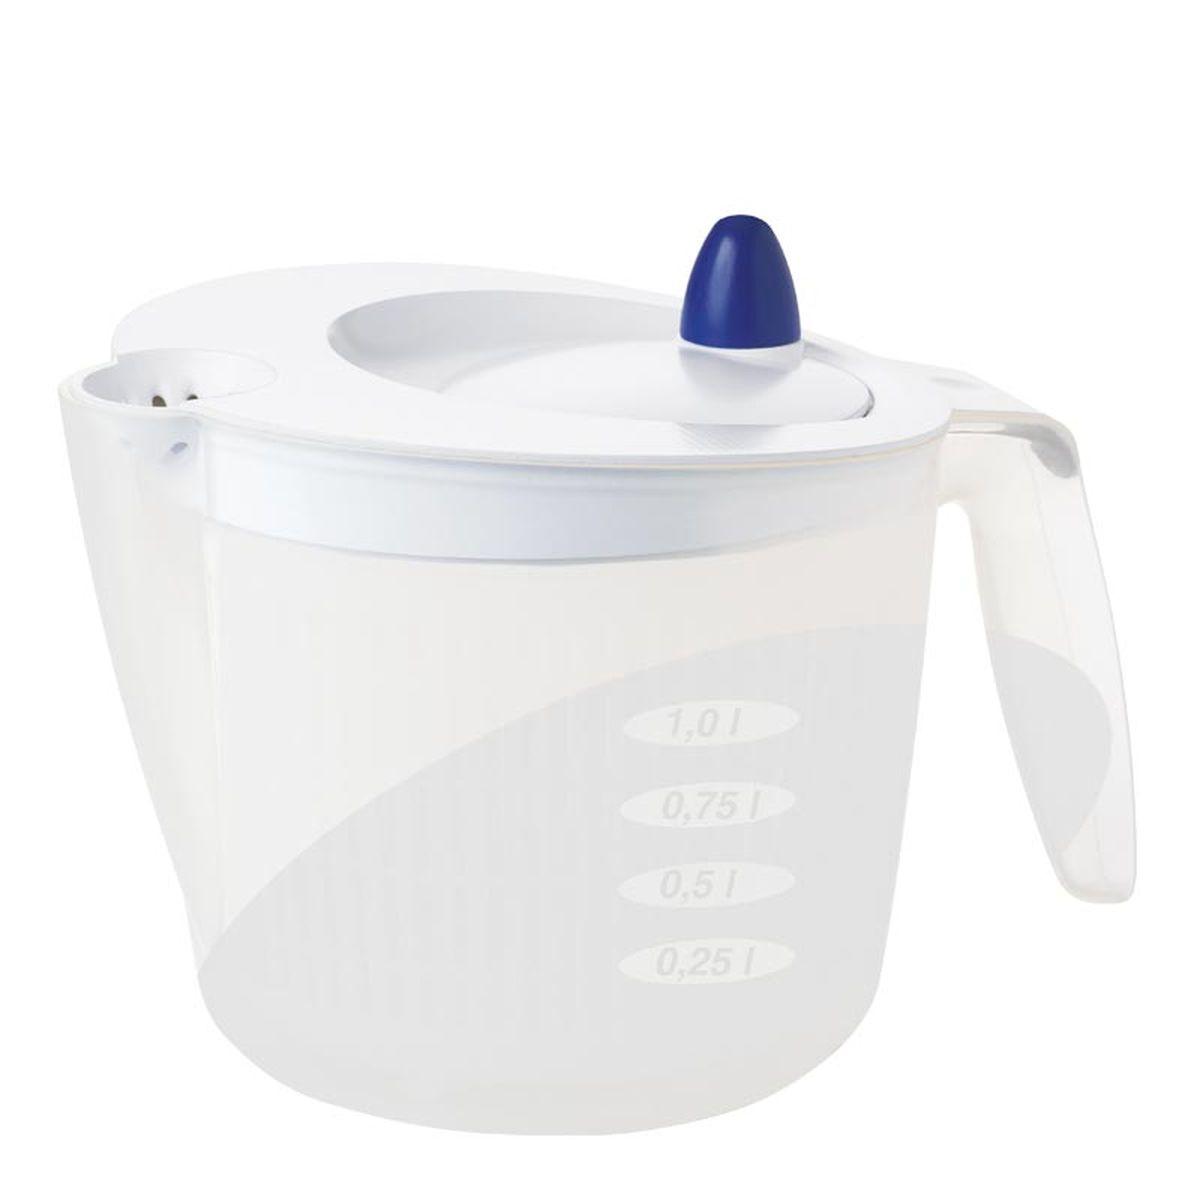 Сушилка для салата Emsa Fit&Fresh, цвет: белый, 2 лCM000001328Сушилка для салата Emsa Fit&Fresh совмещает в себе сушилку, дуршлаг и салатник. Экономит место благодаря небольшому объему. С практичным носиком и мерной шкалой. Можно мыть в посудомоечной машине.Объем чаши: 2 л.